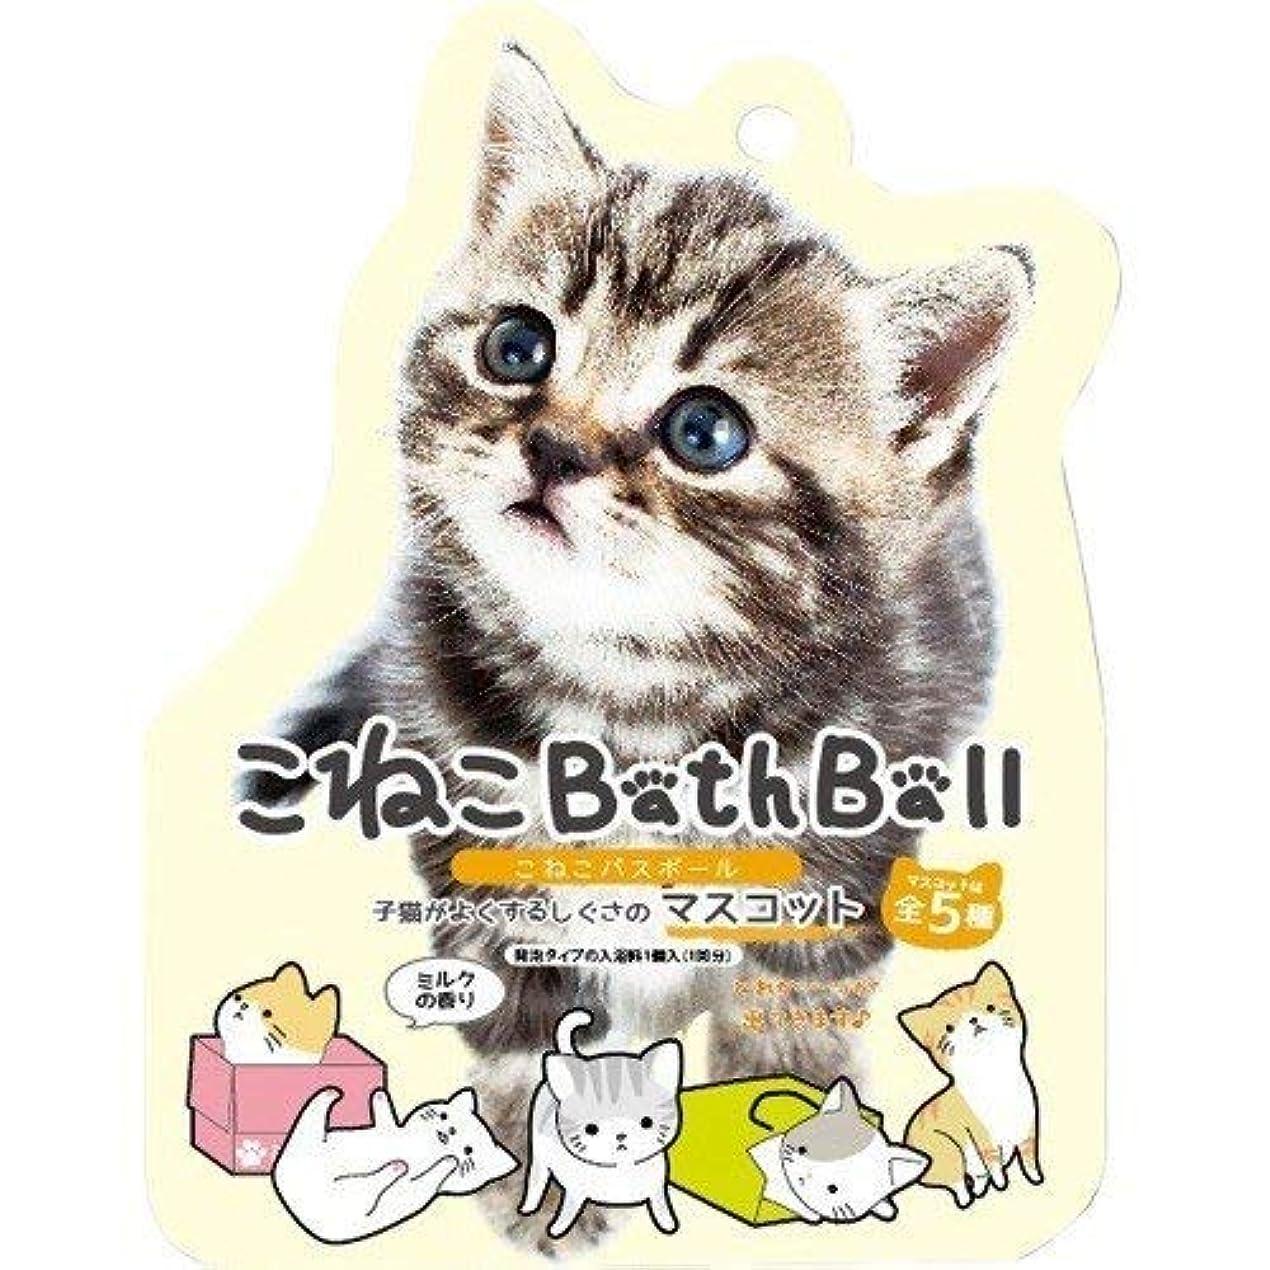 味付けリーチ好む子ねこ バスボール マスコット入り 6個1セット 子猫 こねこ フィギュア入り 入浴剤